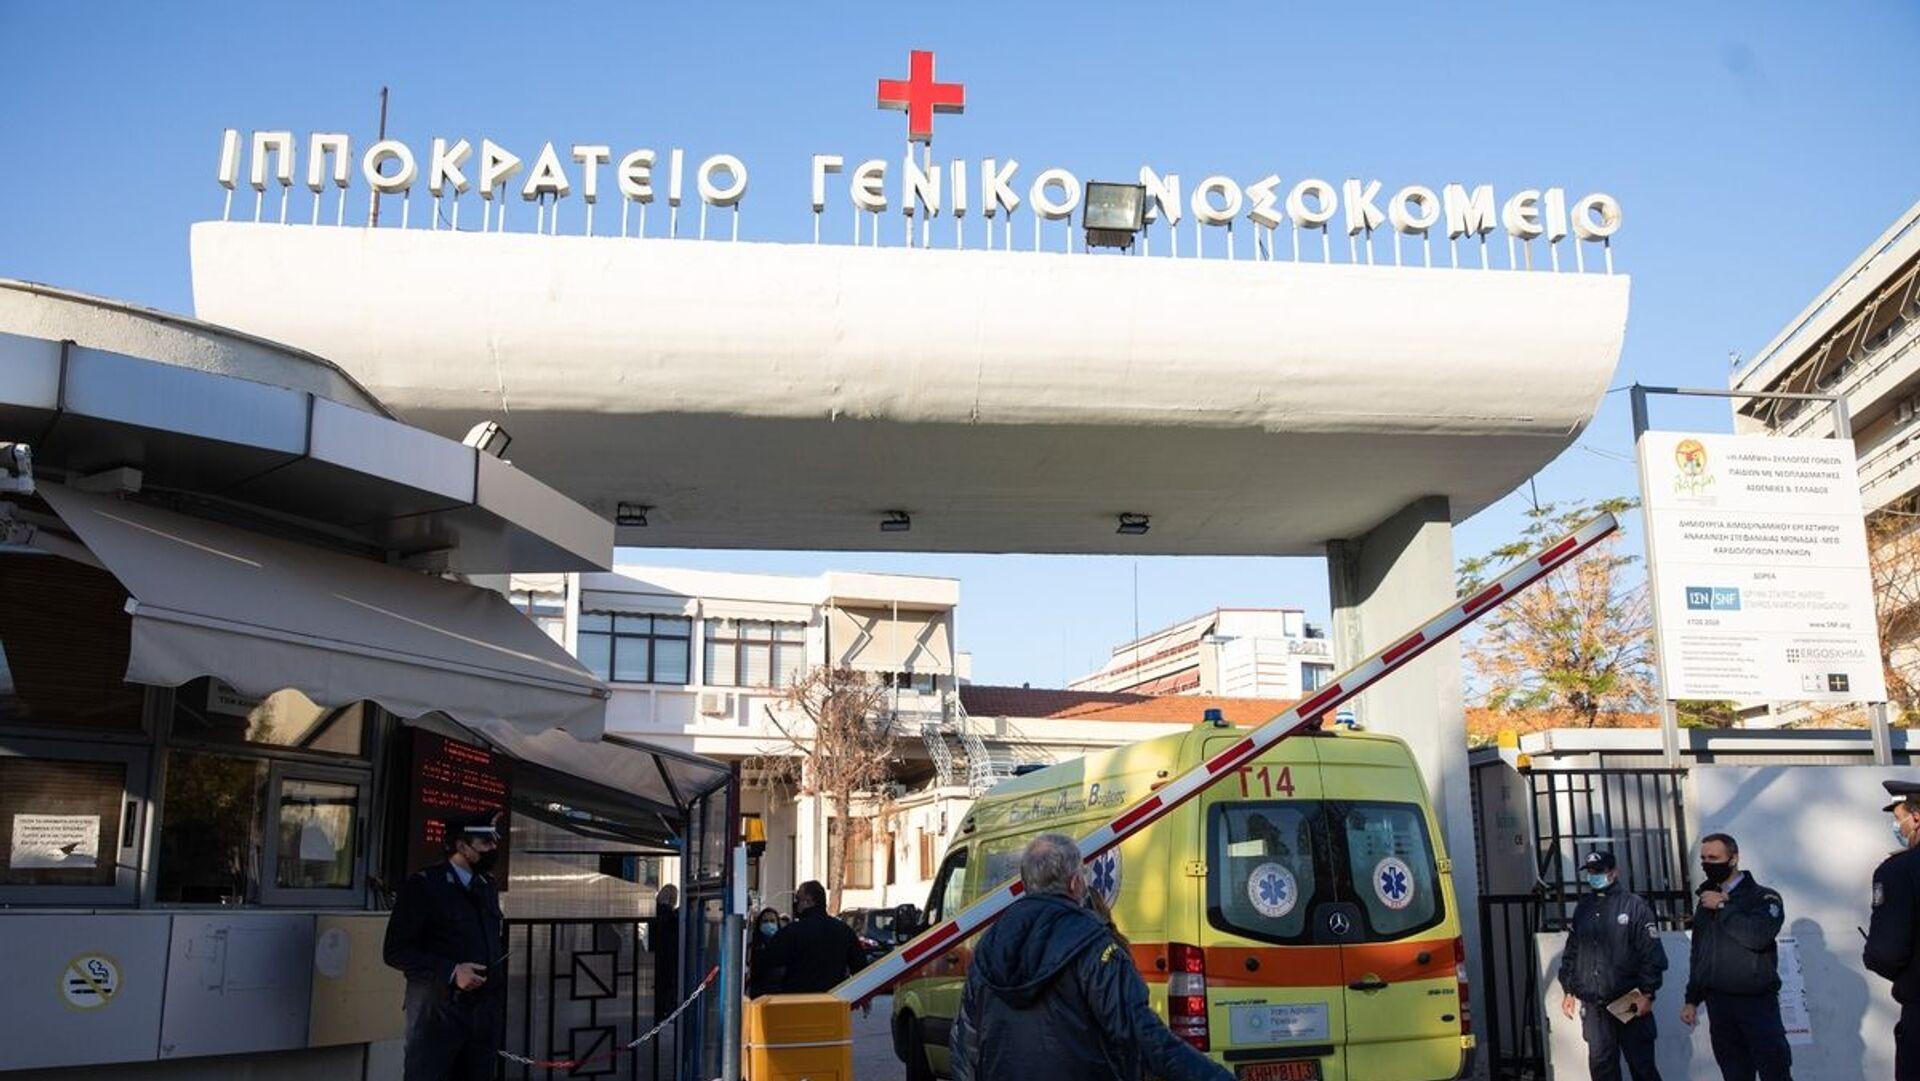 Ιπποκράτειο Νοσοκομείο Θεσσαλονίκης - Sputnik Ελλάδα, 1920, 21.09.2021